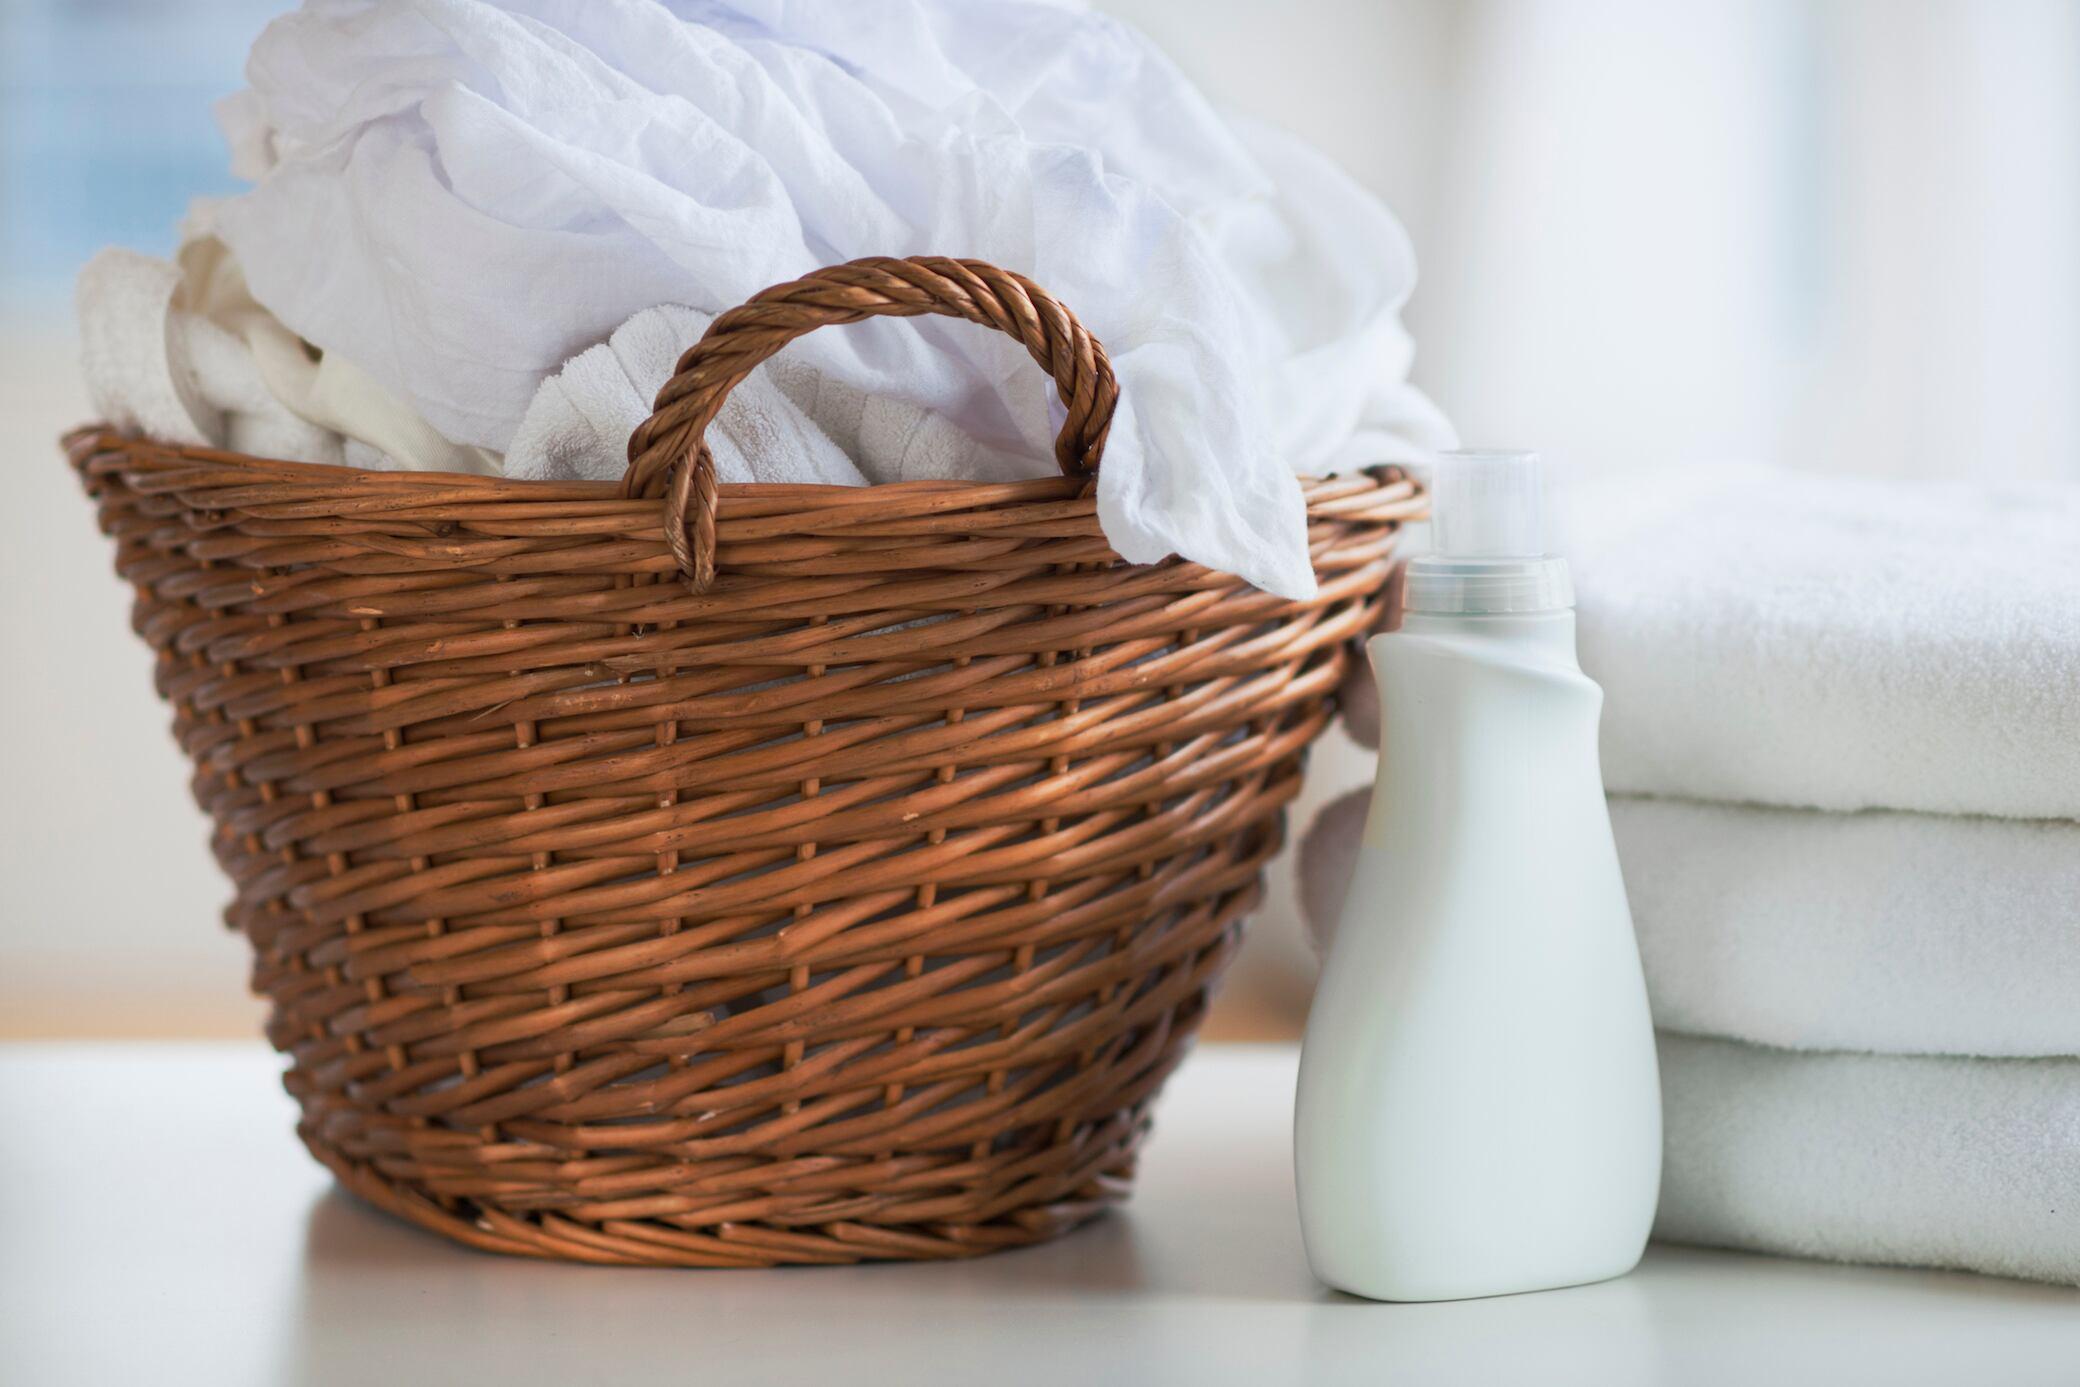 Sollte man Handtücher und Putztücher zusammen waschen?